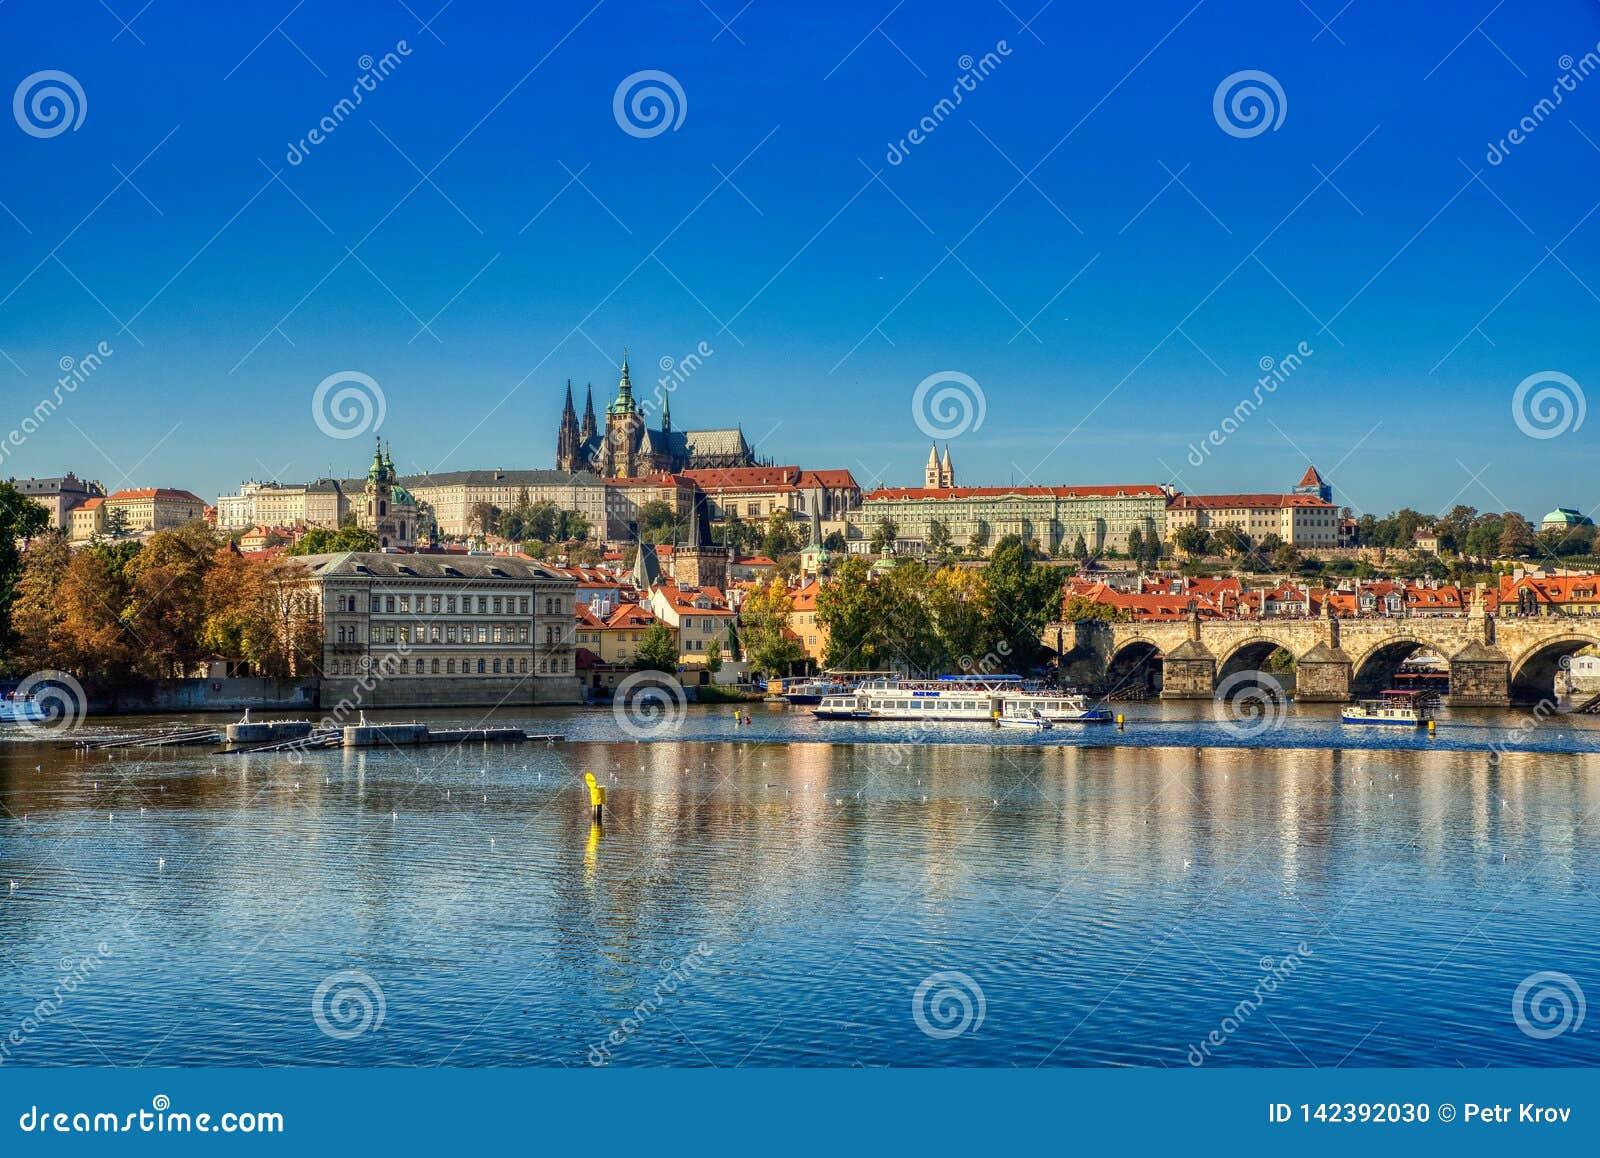 Prag, Ansicht von Prag-Schloss